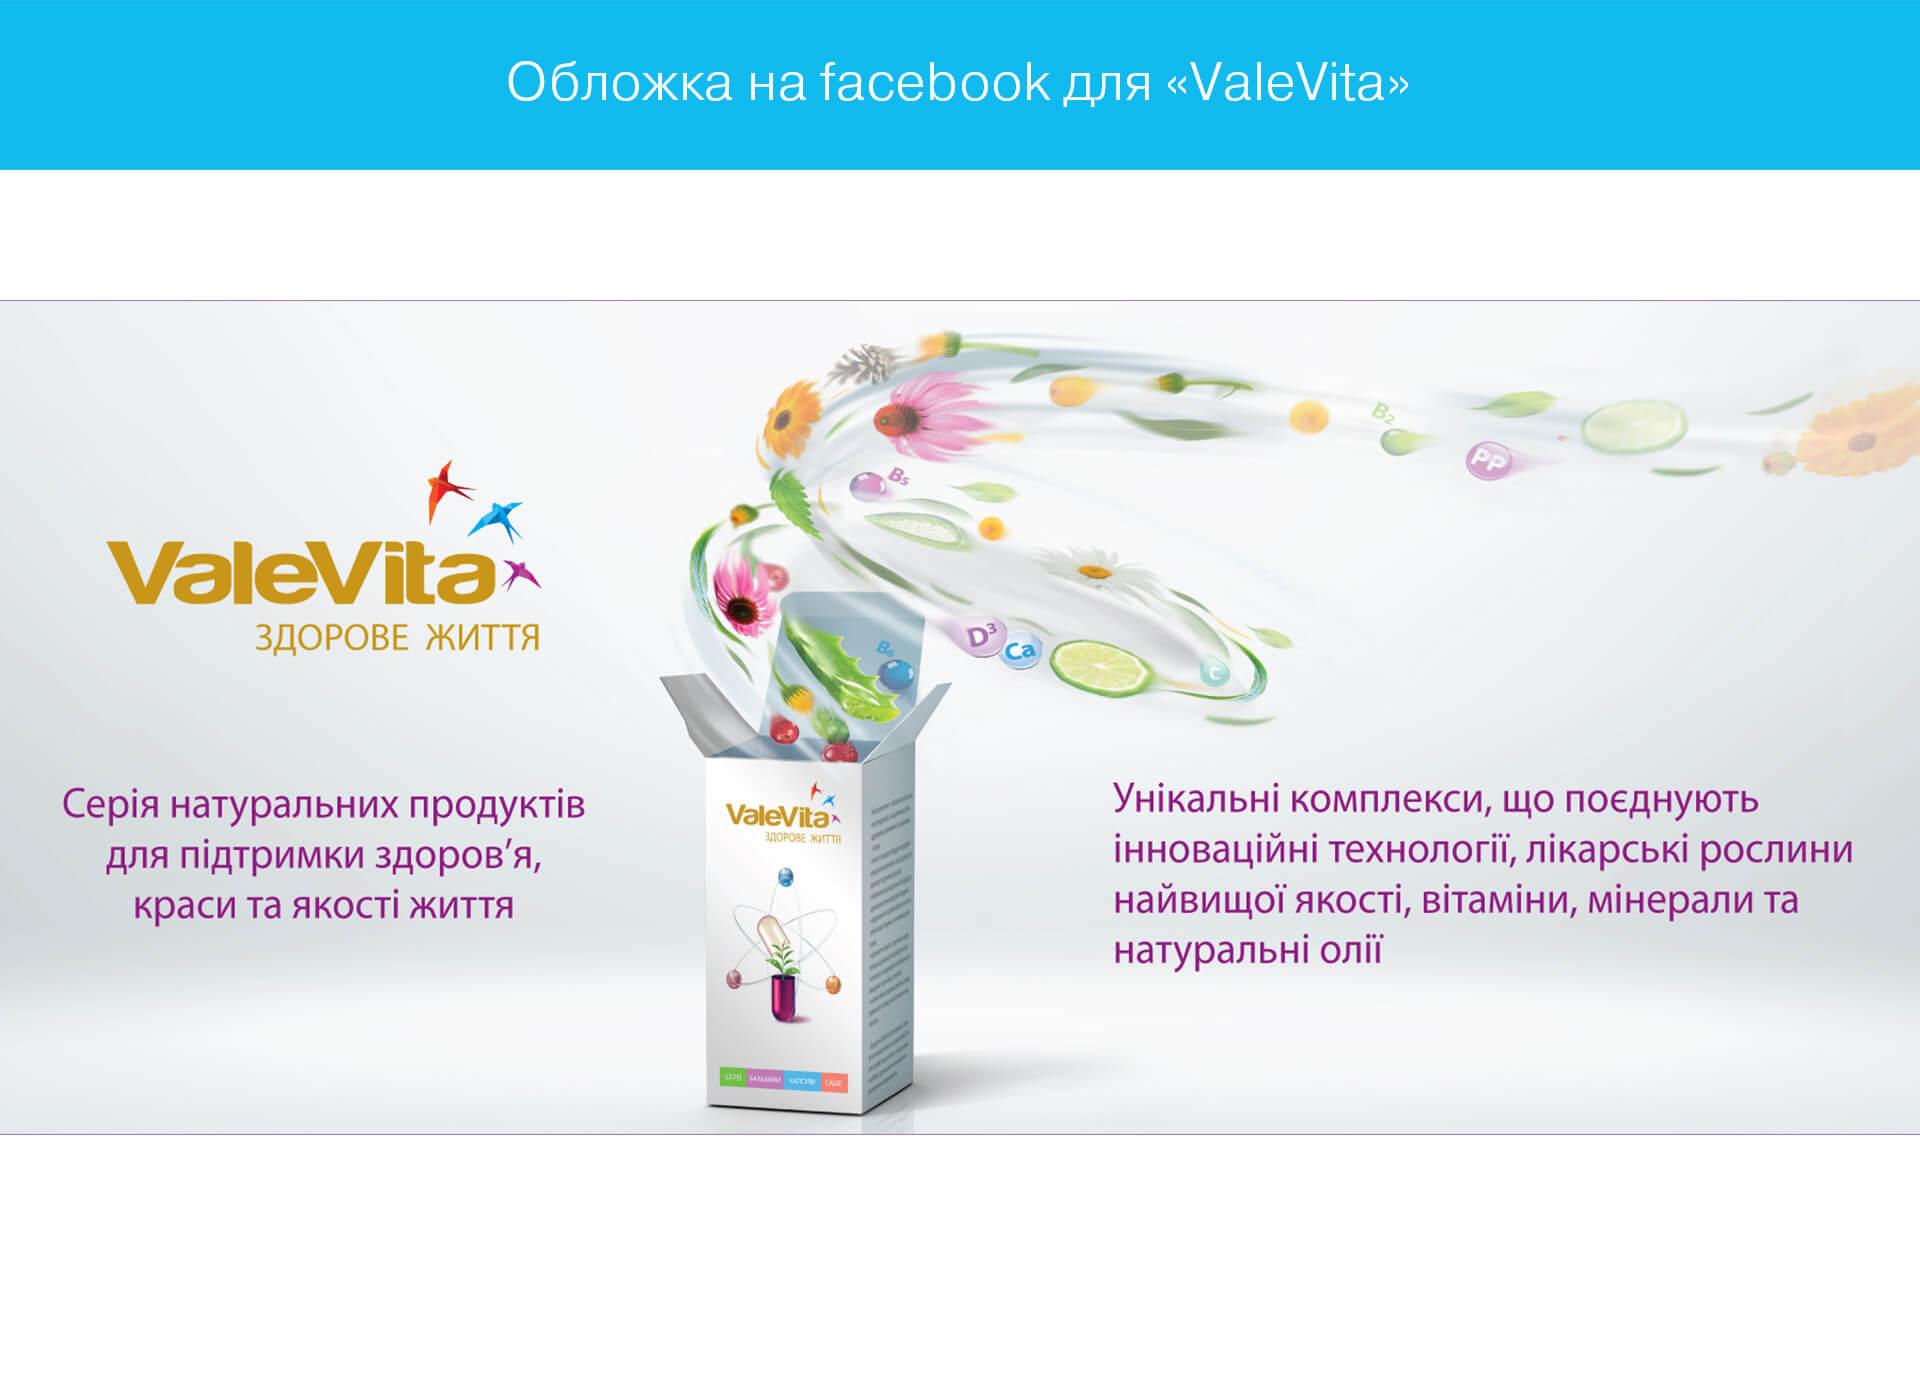 Prokochuk_Irina_ValeVita_cover_facebook_1